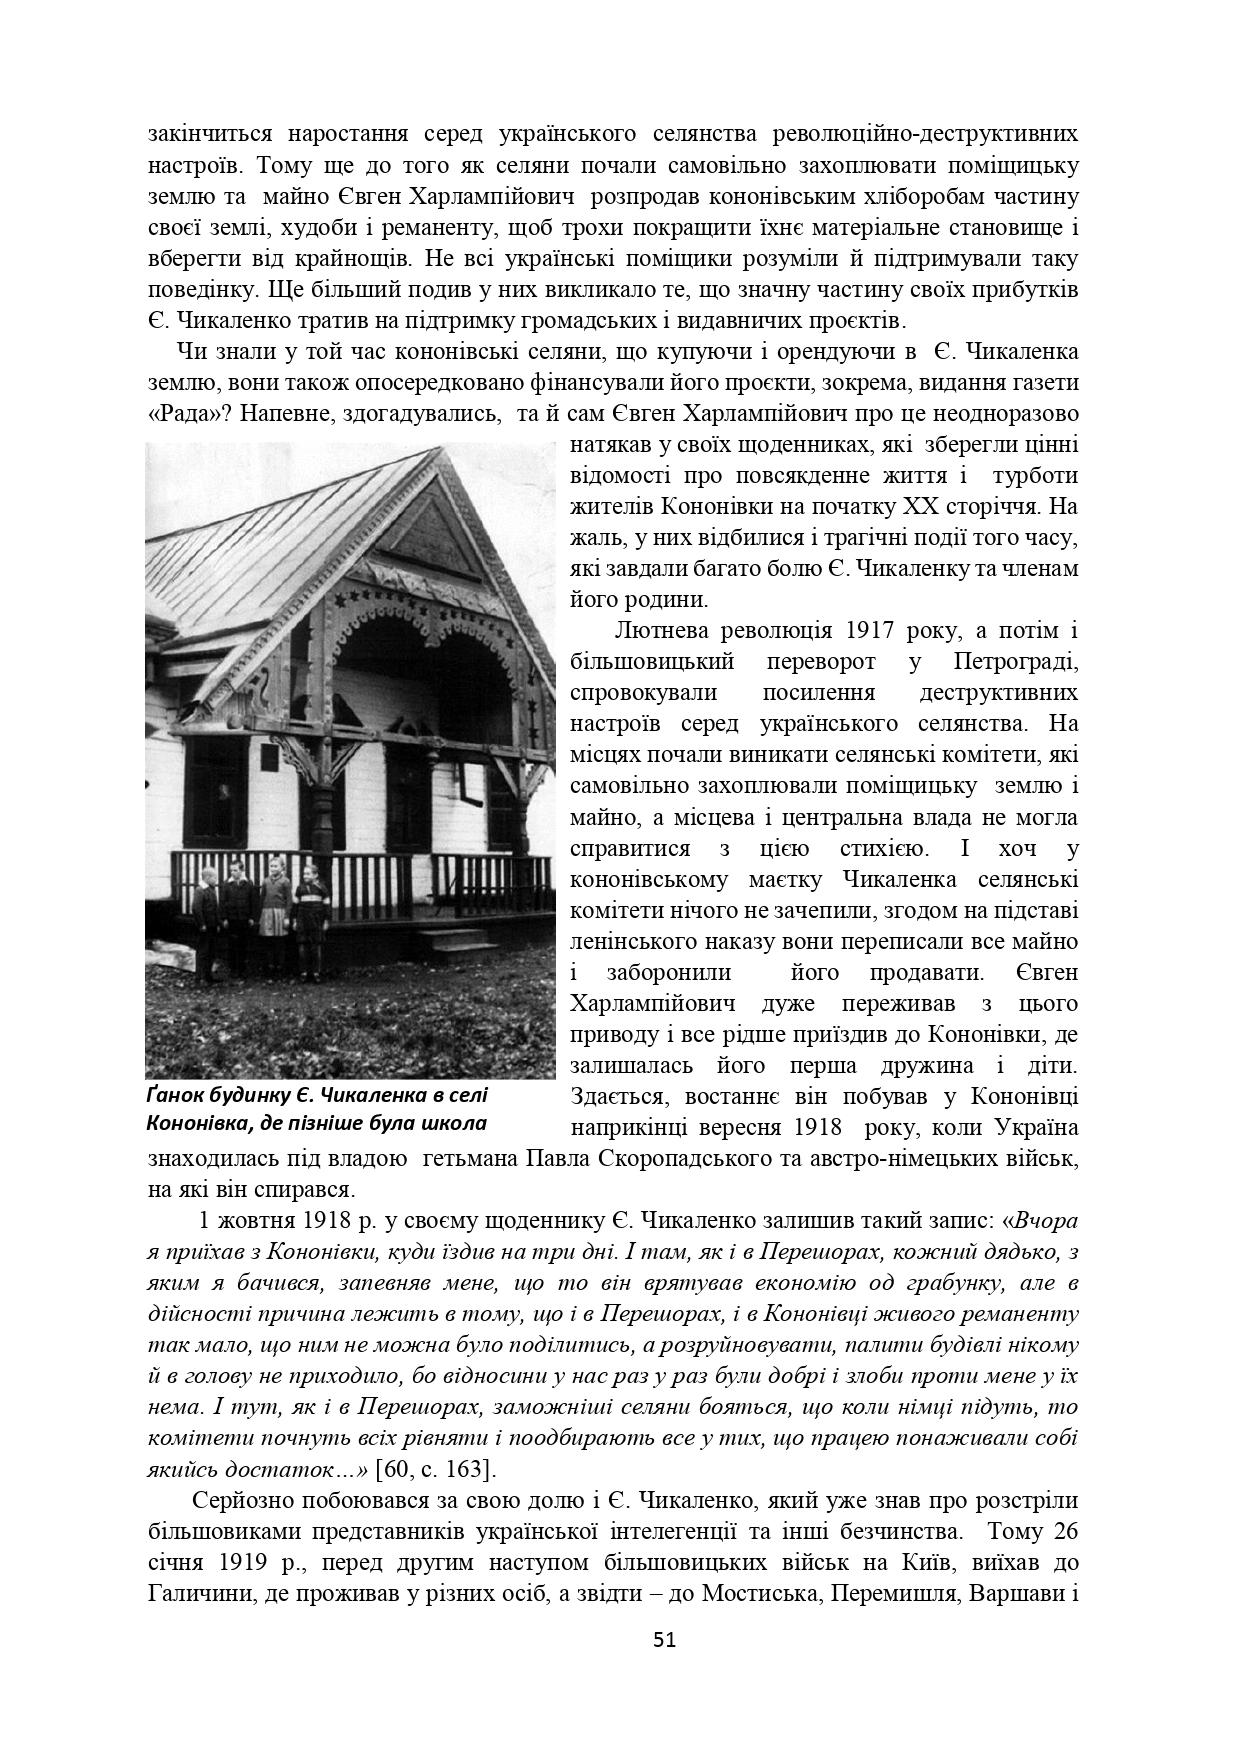 ІСТОРІЯ СЕЛА КОНОНІВКА 2021 (1)_page-0051